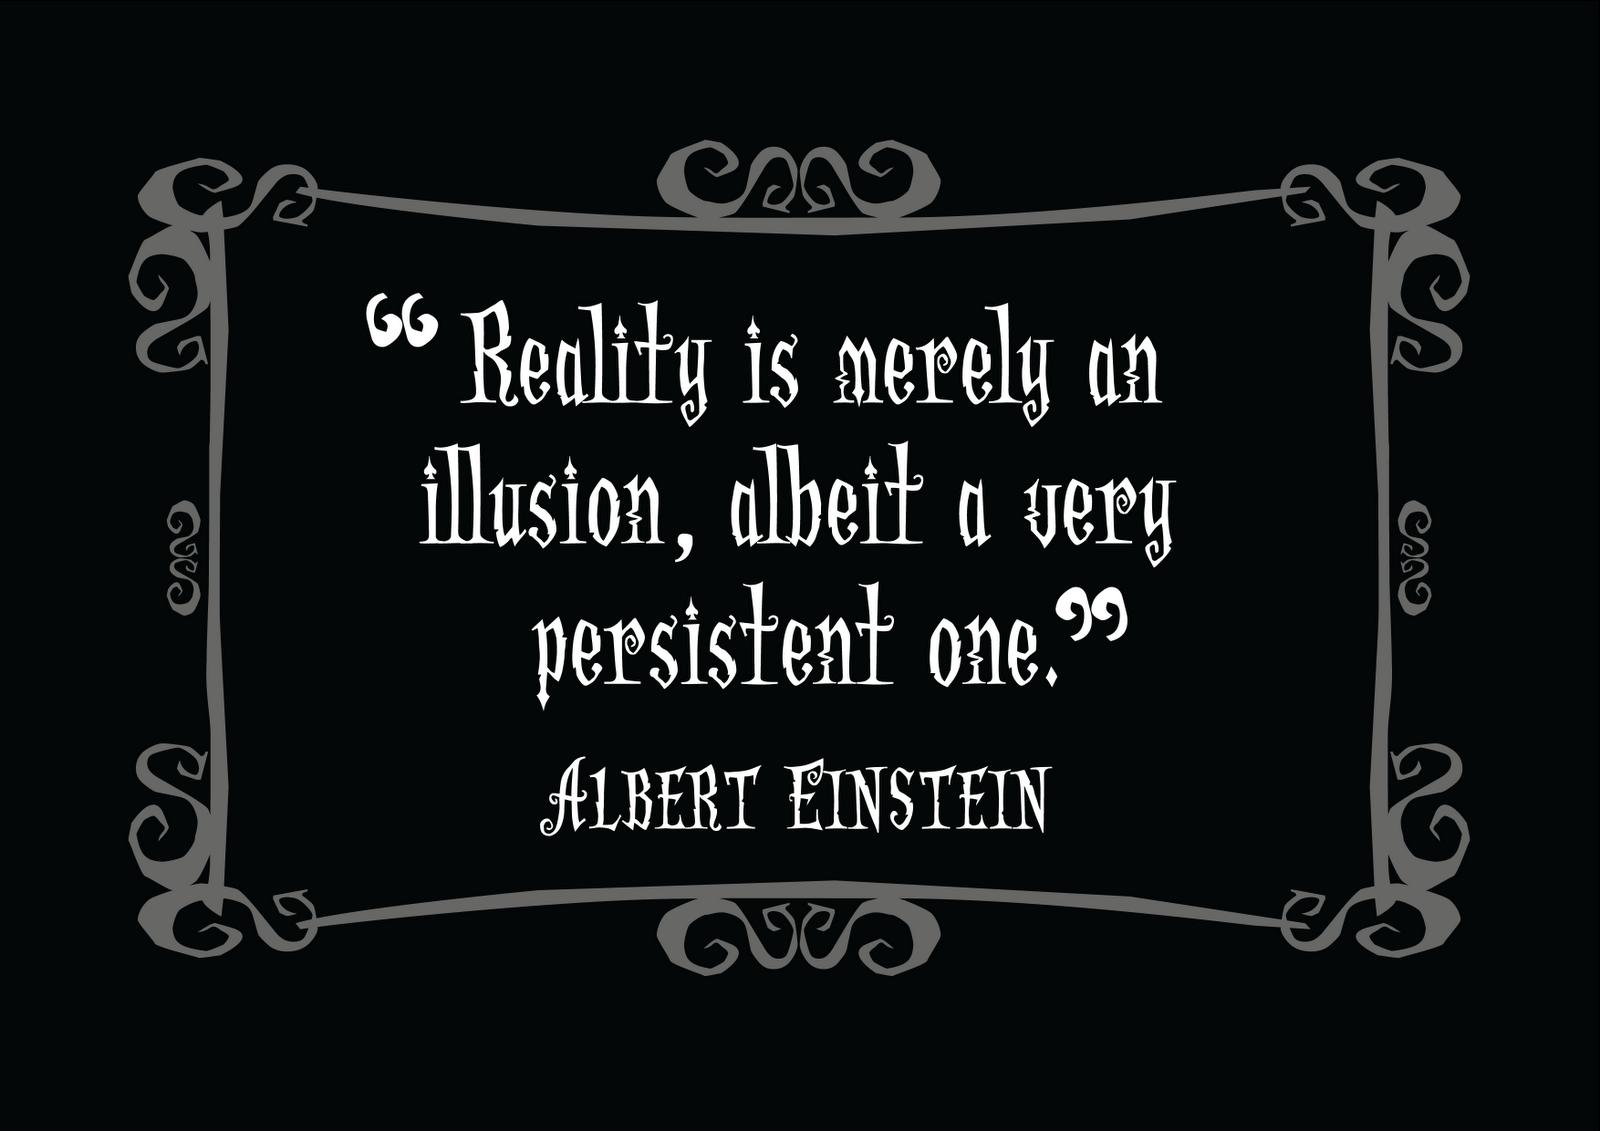 http://3.bp.blogspot.com/-ipVpBojAIwg/TiJE9Ei4W-I/AAAAAAAAALc/uuTNLeelRBM/s1600/Albert-Einstein-Quote.png#dark%20quotes